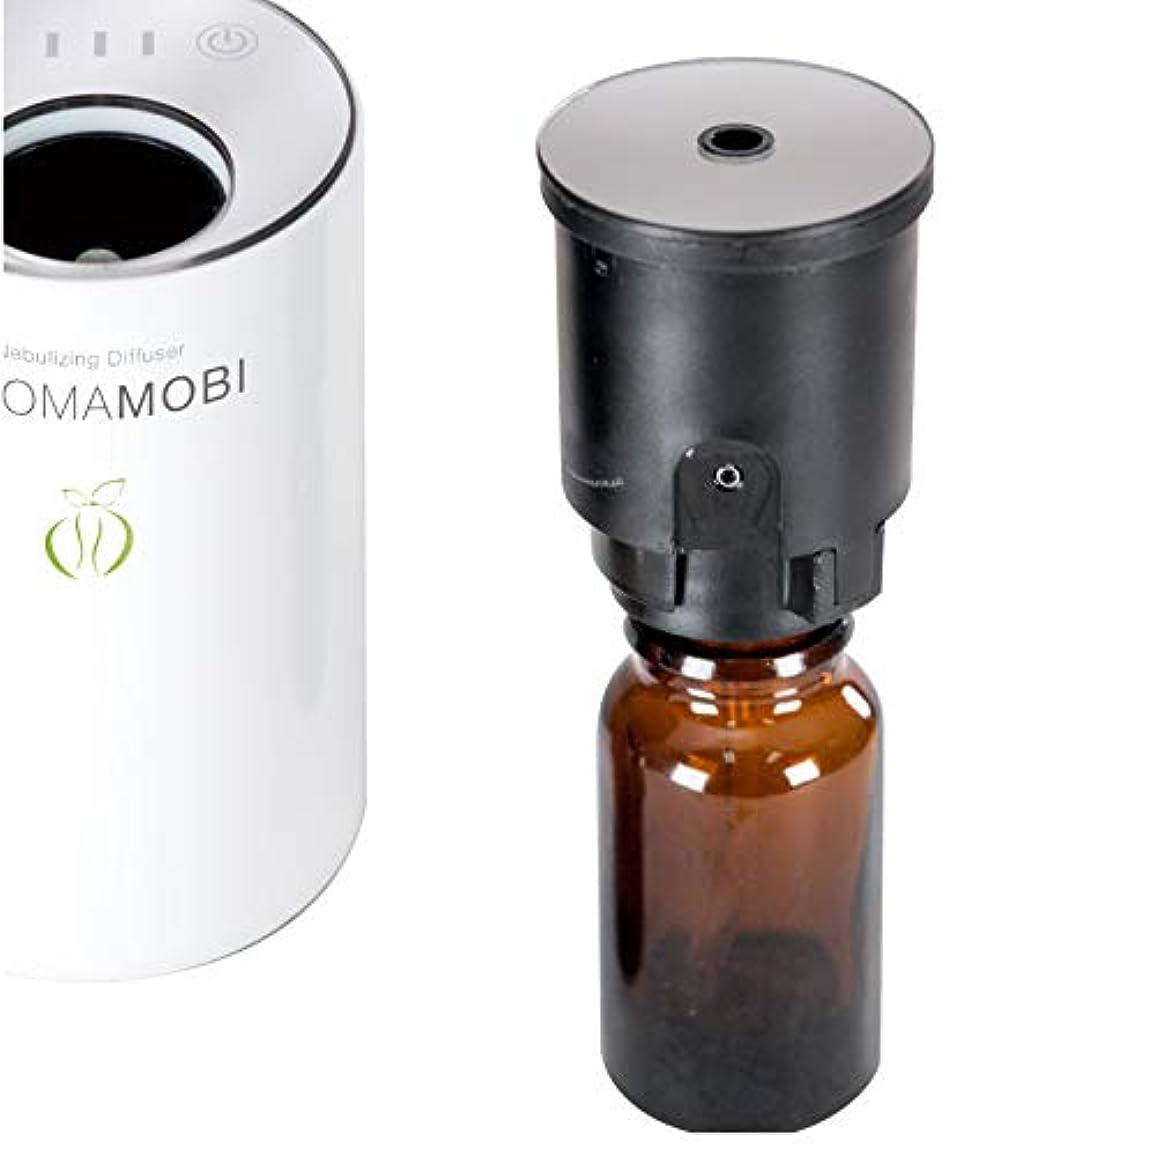 胚芽保険群れfunks アロマモビ 専用 交換用 ノズル ボトルセット aromamobi アロマディフューザー